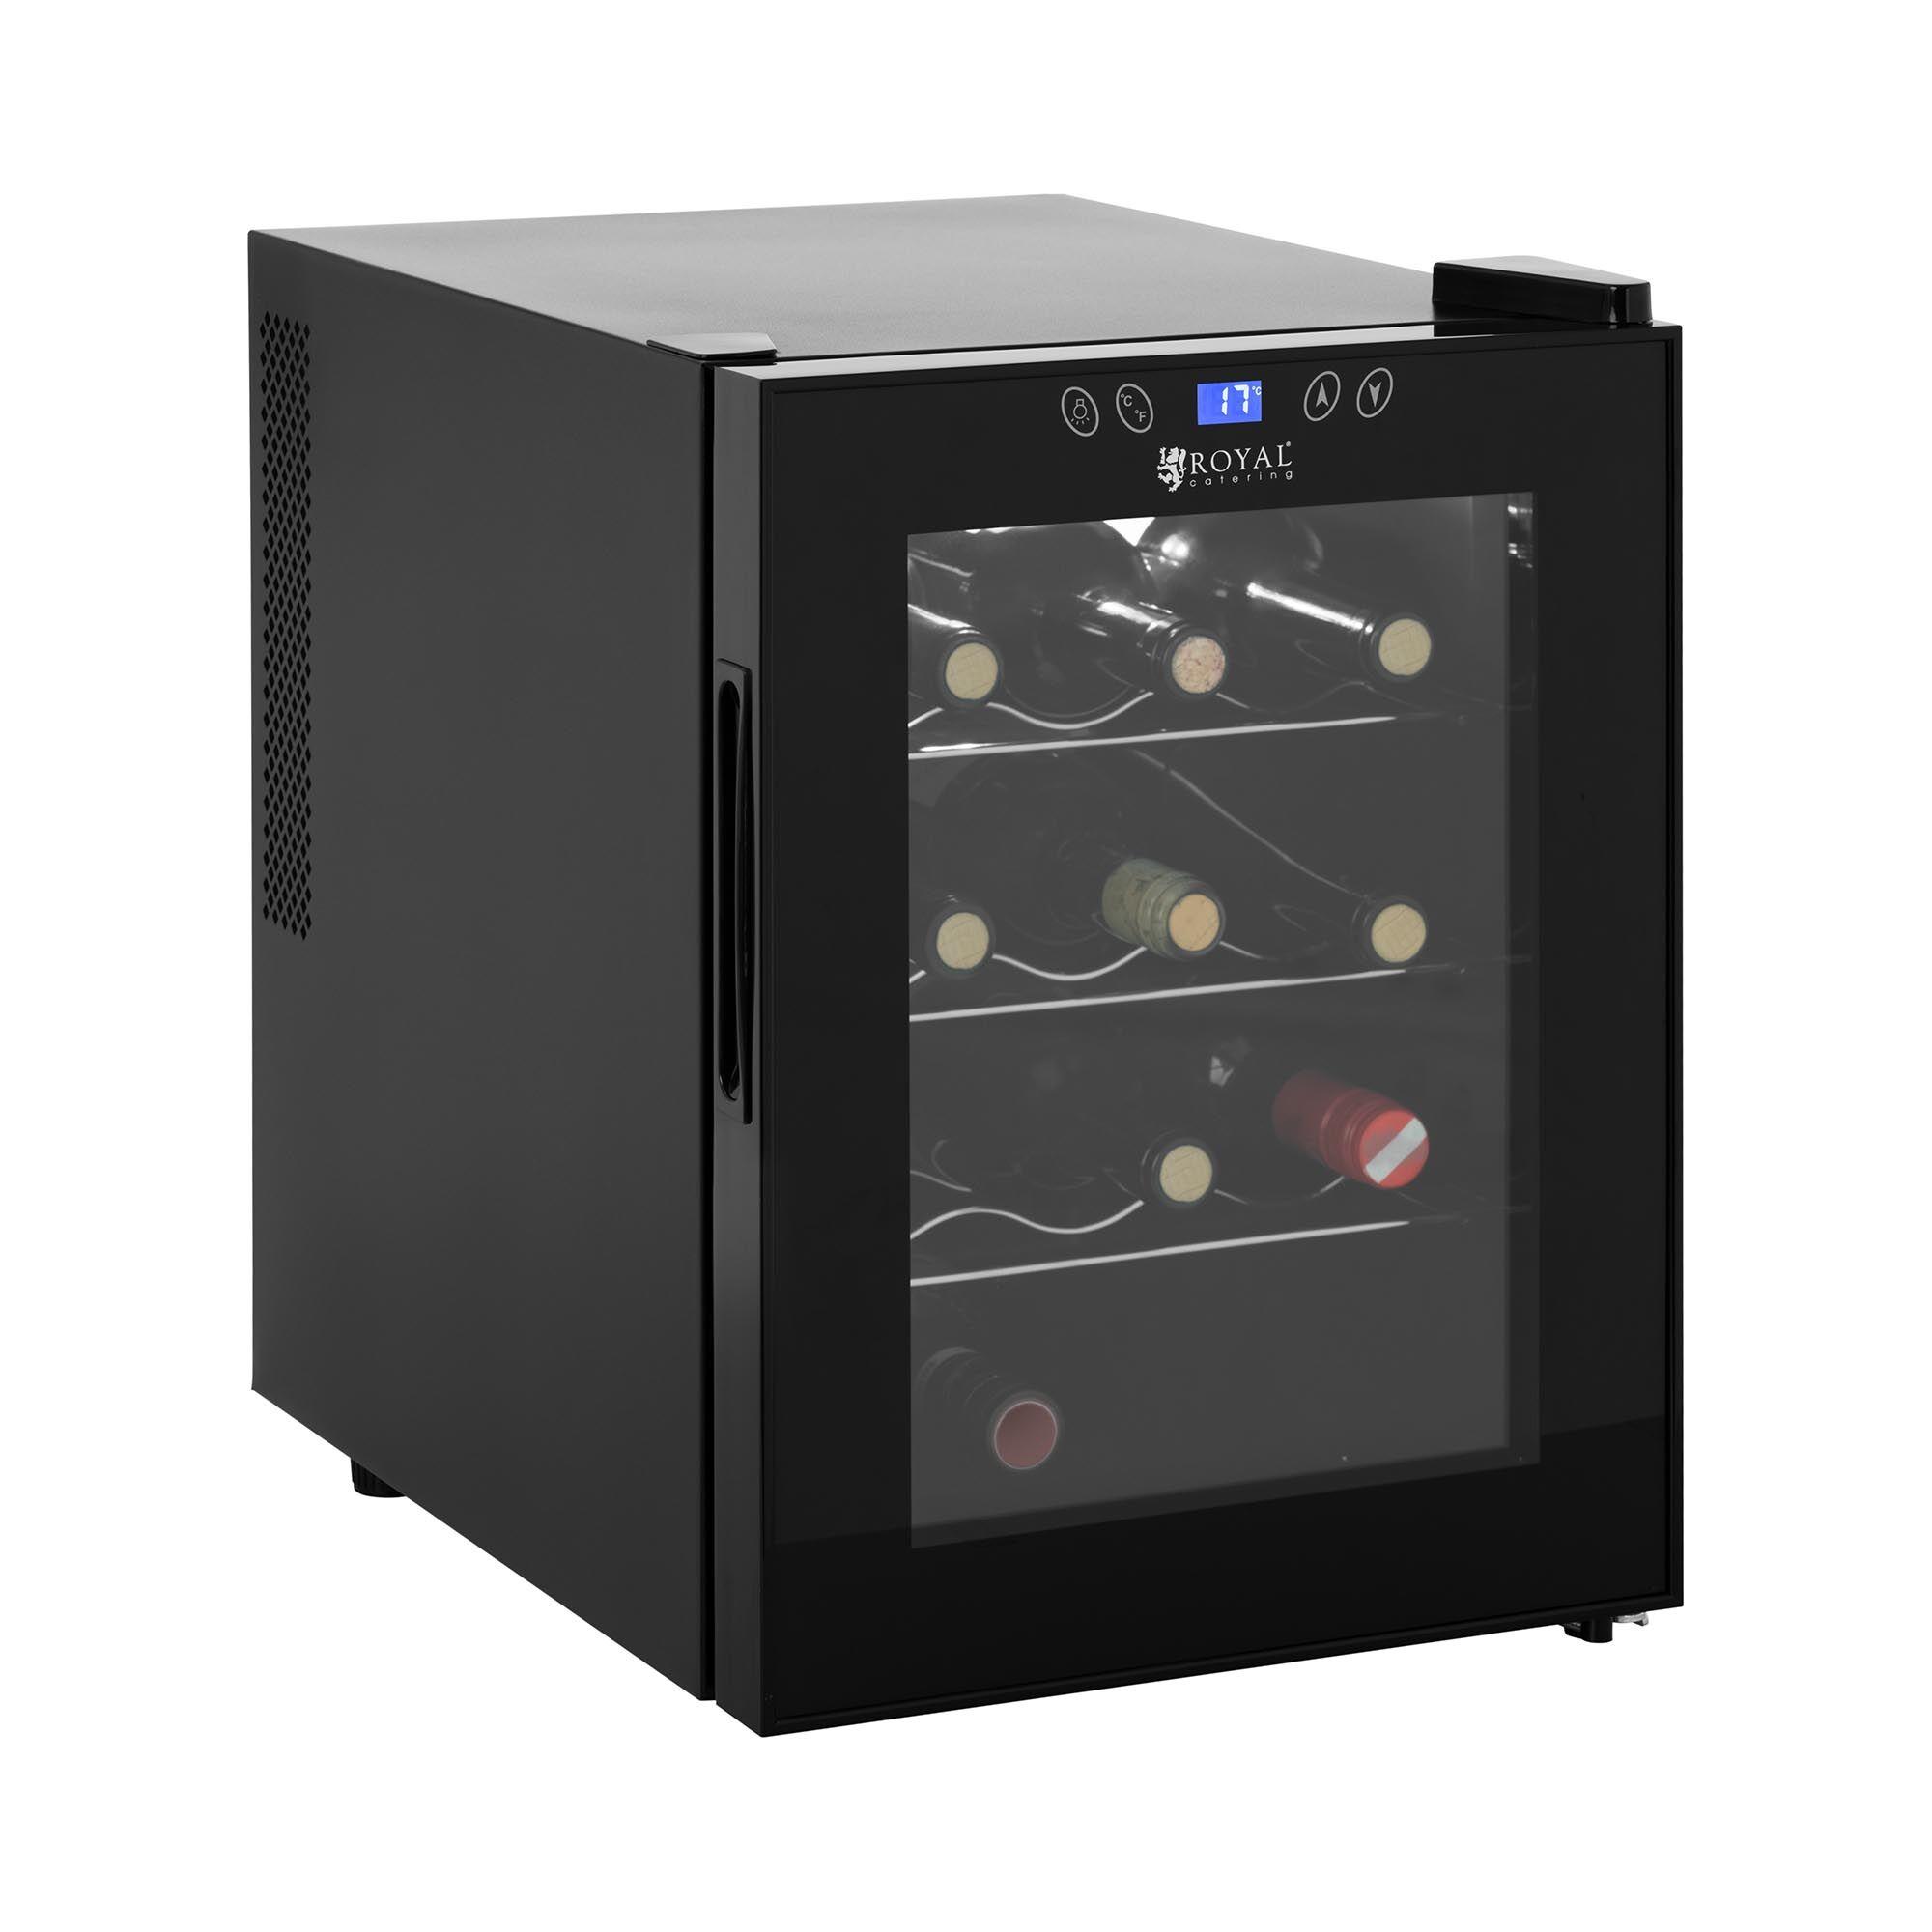 Royal Catering Weintemperierschrank - 33 L 10011549